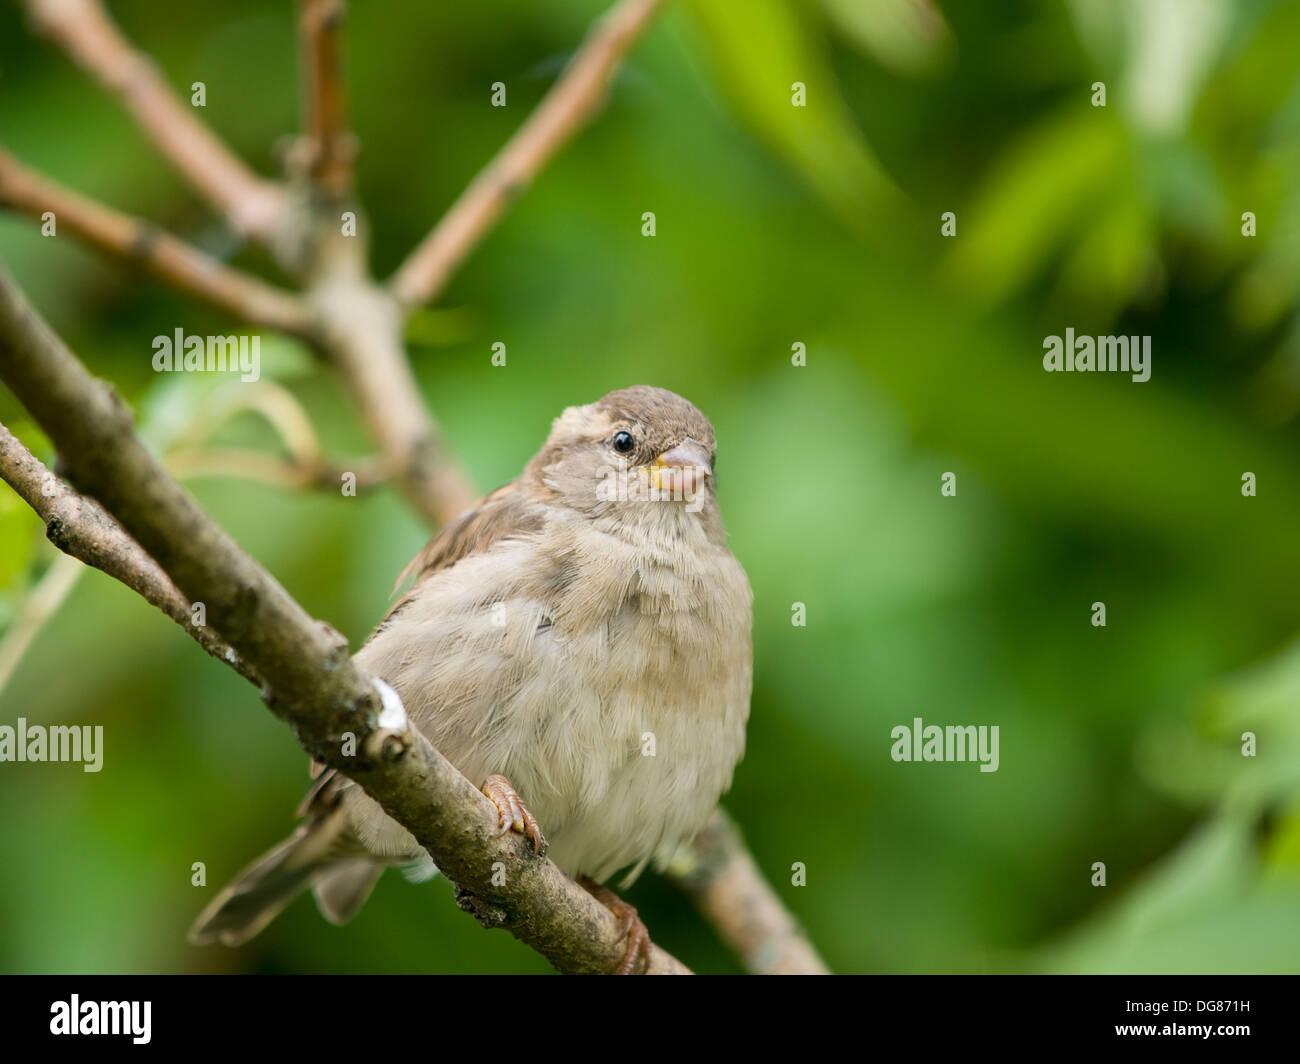 El Gorrión hembra pequeño sentado en una rama Foto de stock